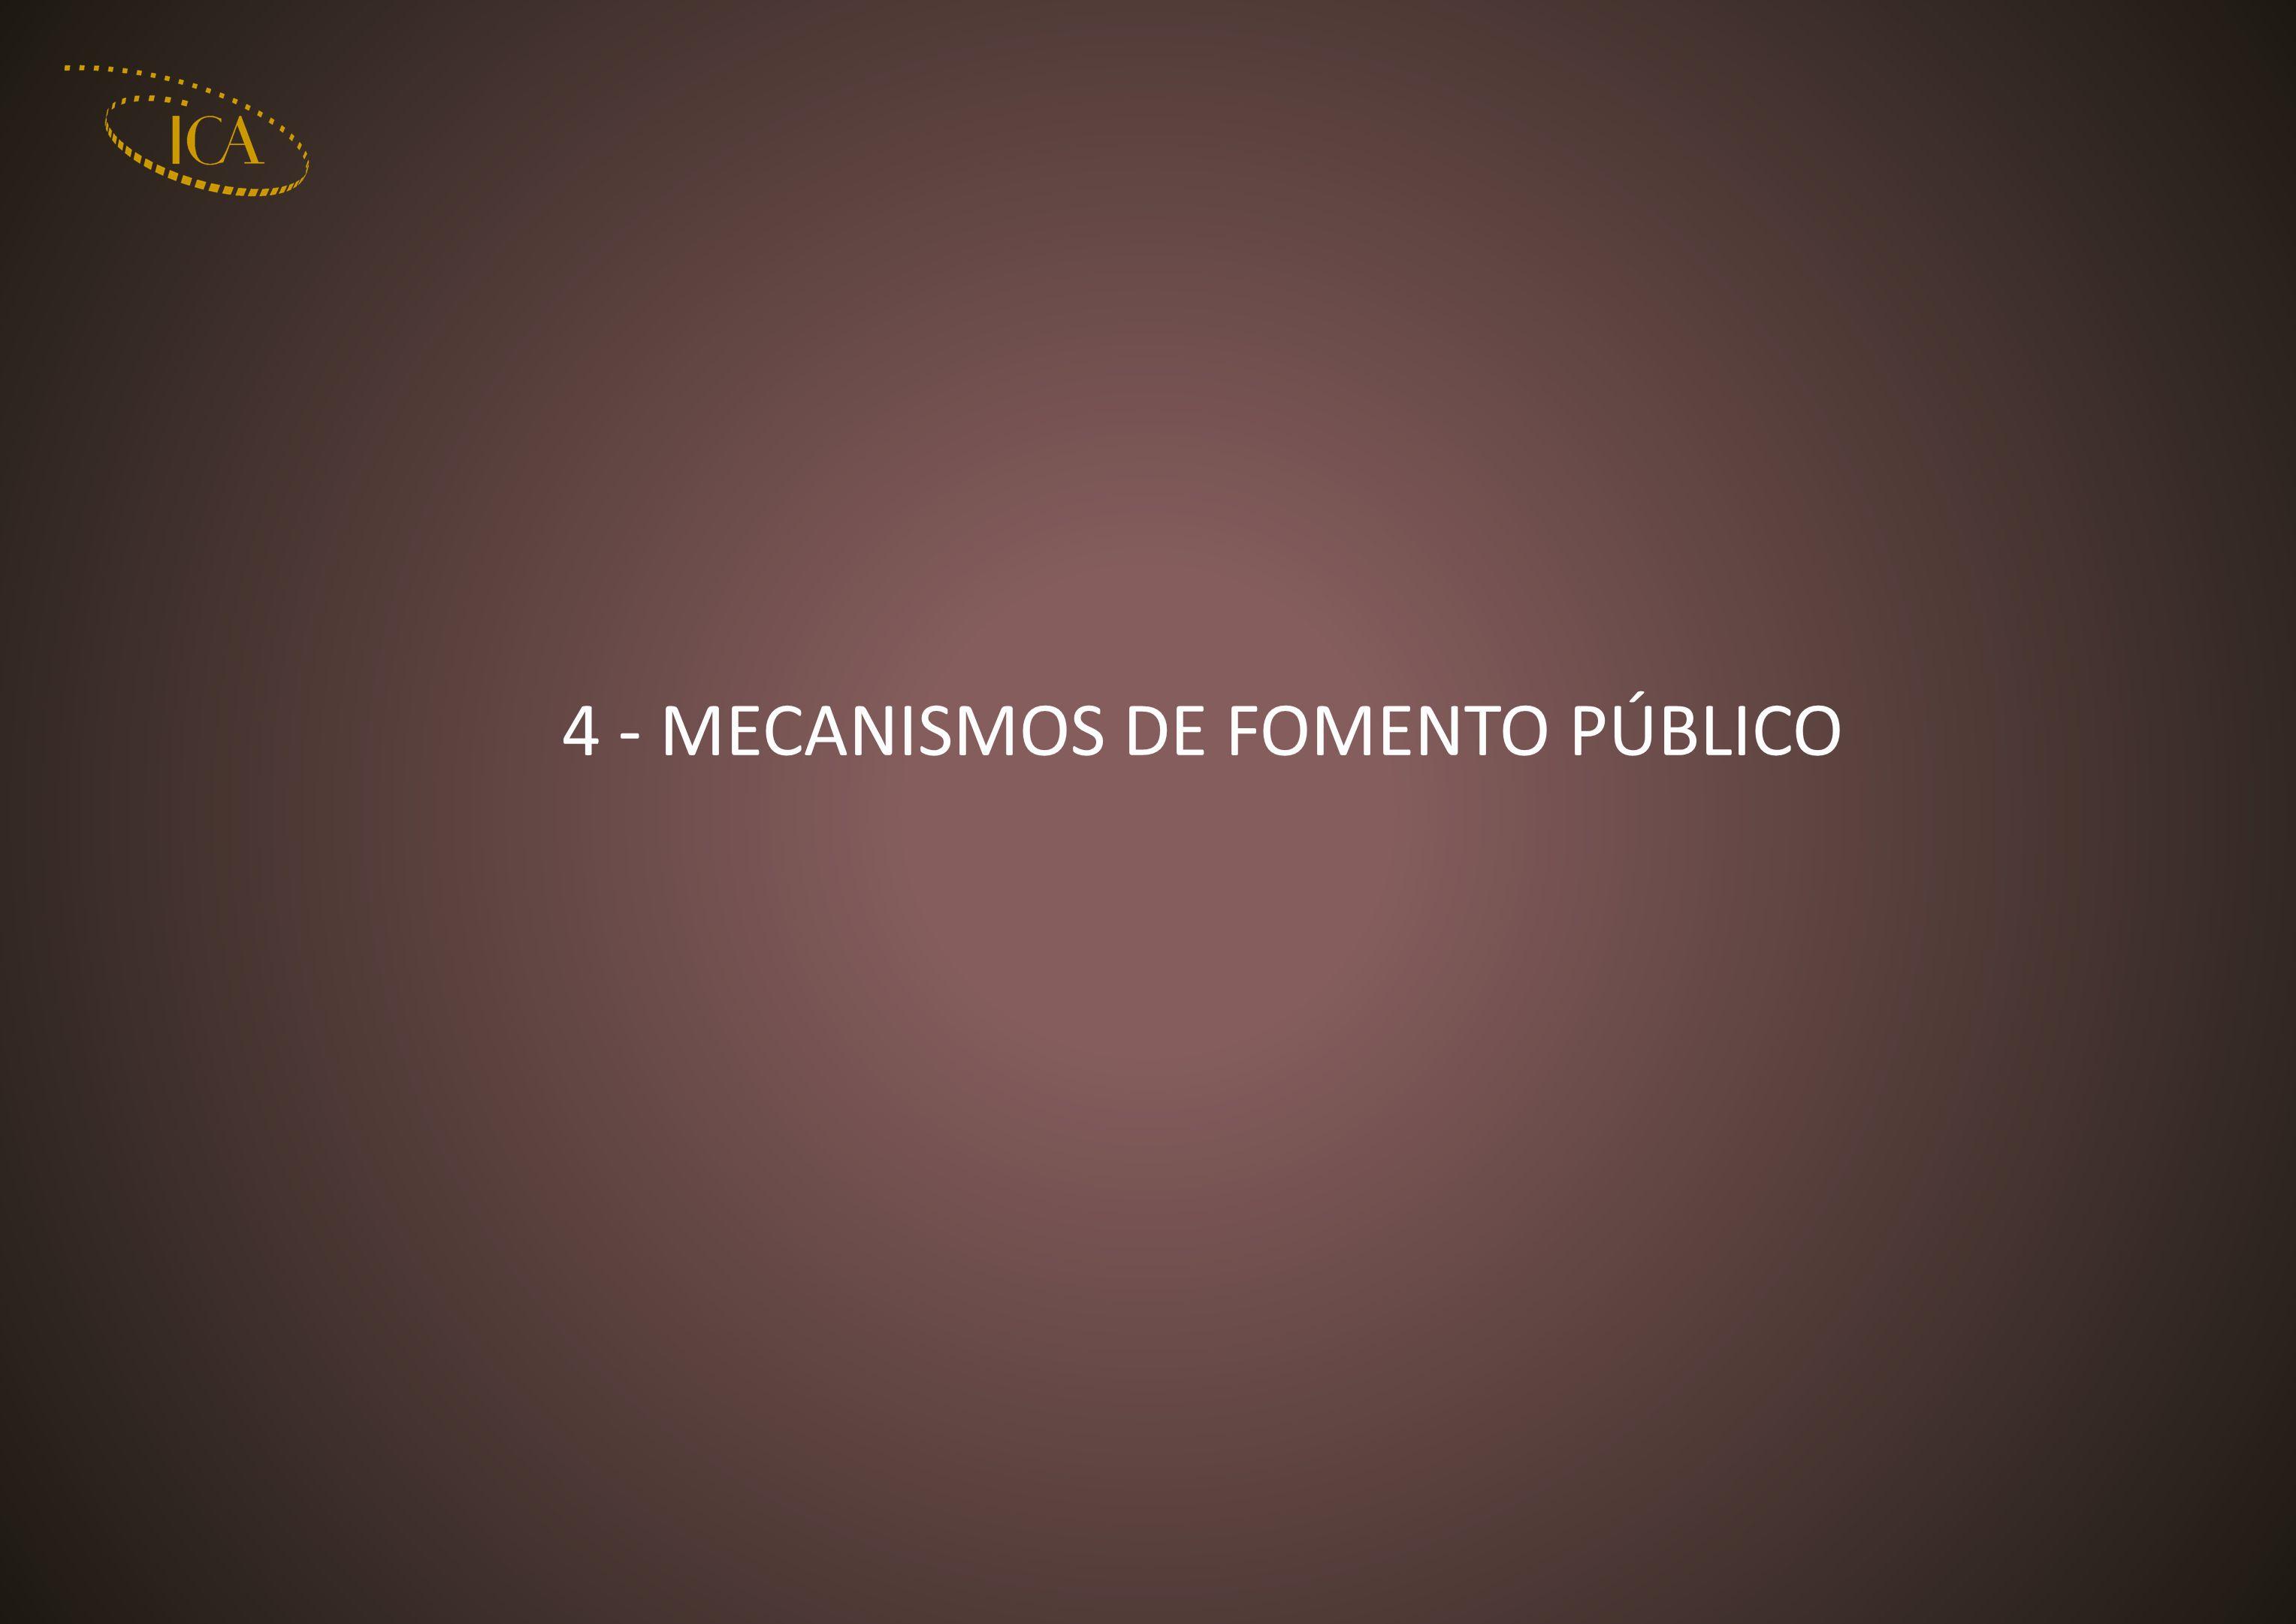 4 - MECANISMOS DE FOMENTO PÚBLICO